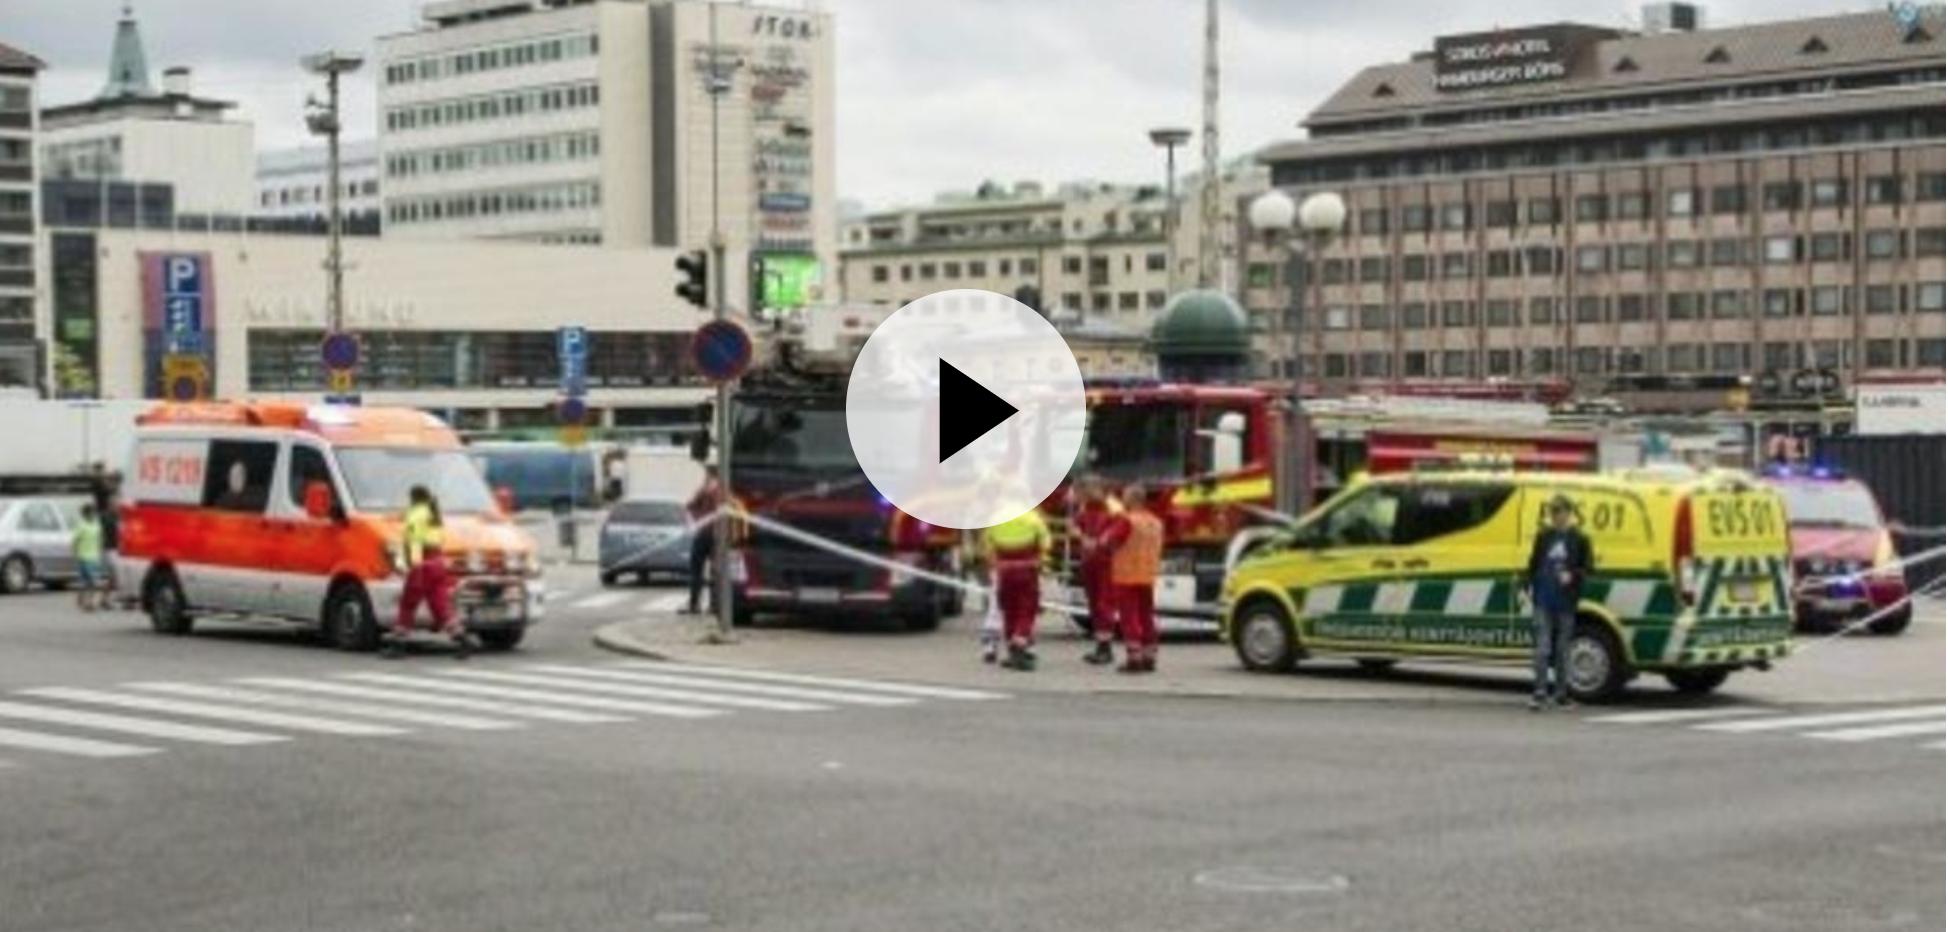 صورة قتيل وعشرة جرحى بهجوم في ثانوية مهنية في فنلندا